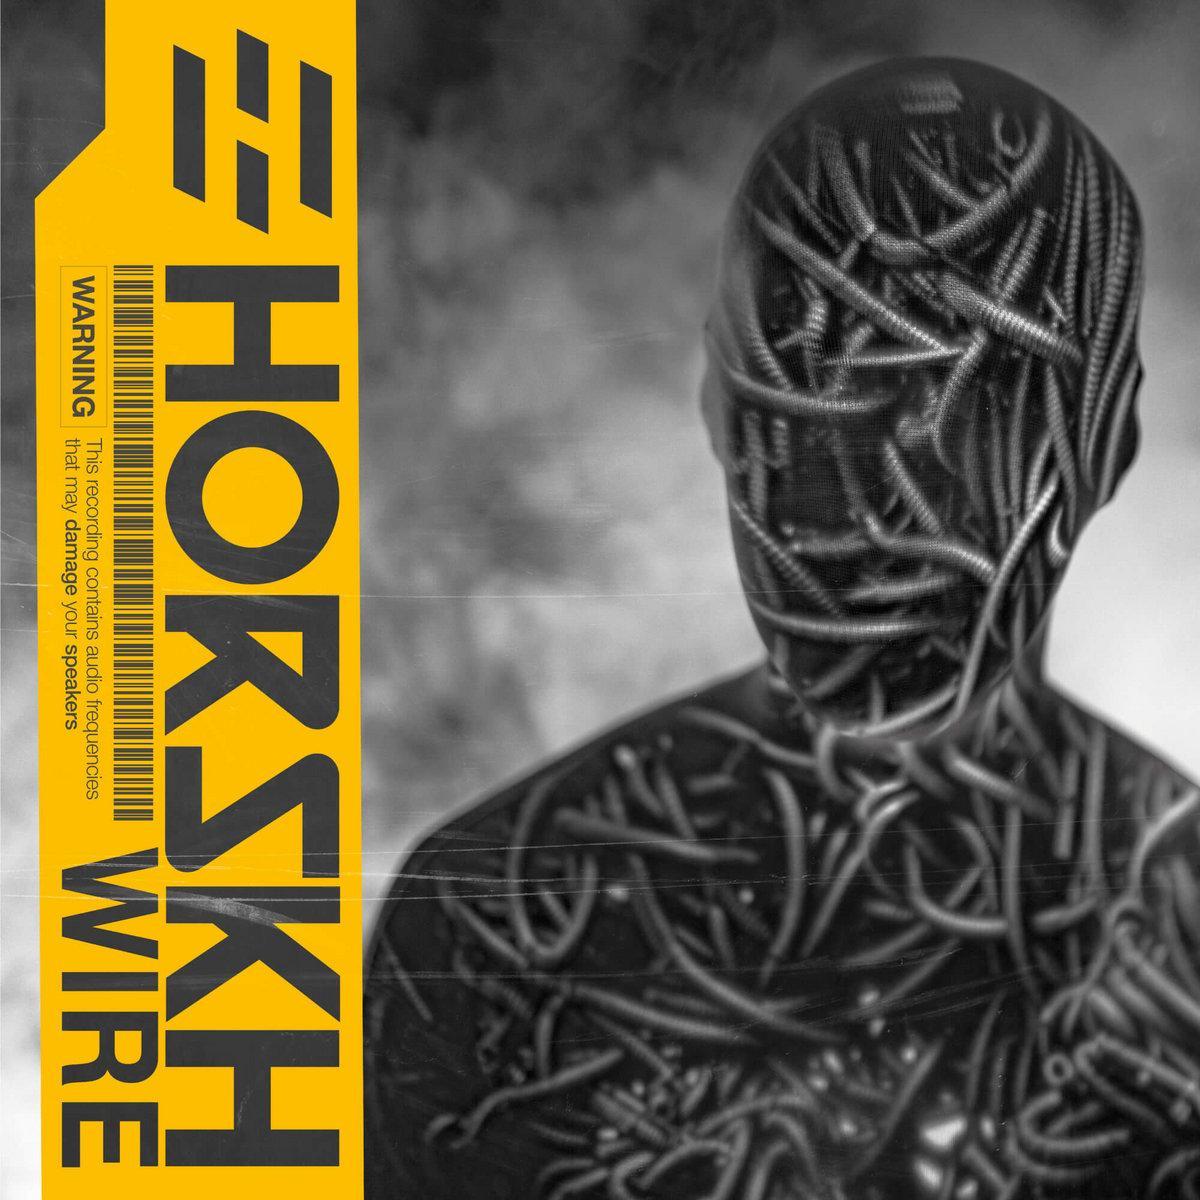 Chronique d'Album : HORSKH (Electro Indus),